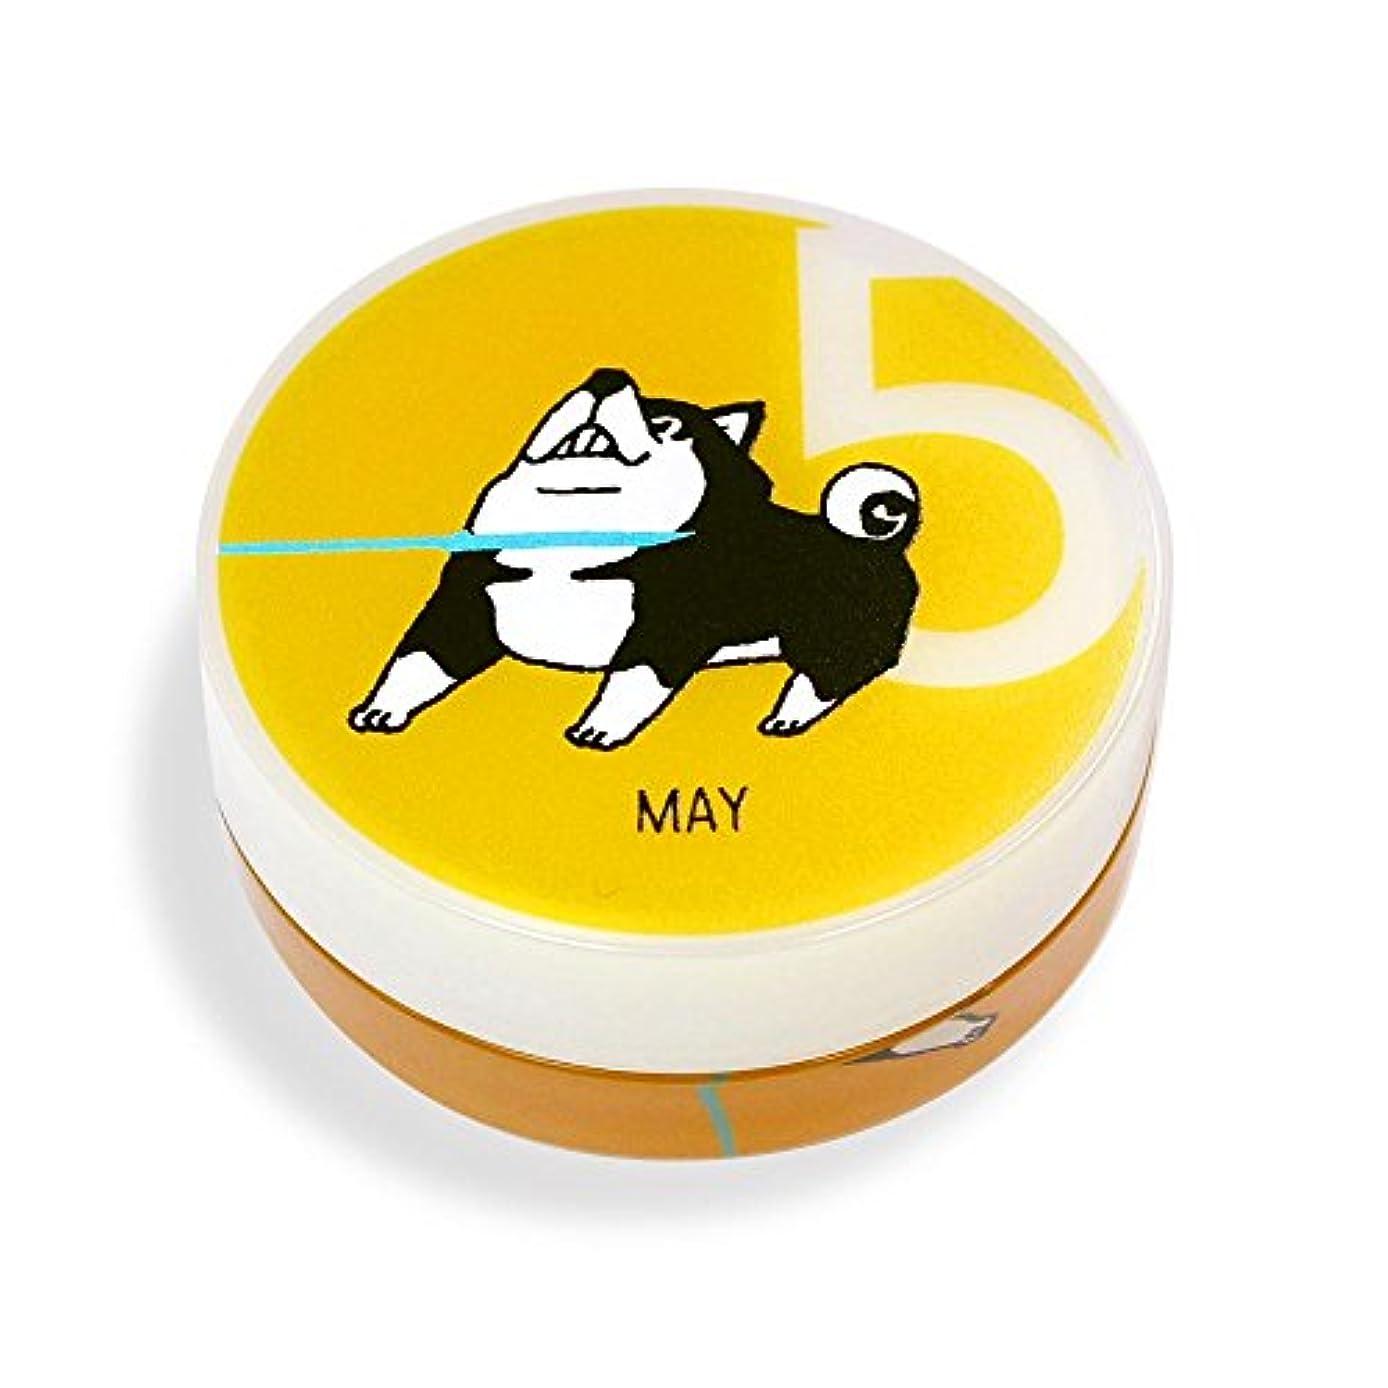 ボタン歩き回るランドリーしばんばん フルプルクリーム 誕生月シリーズ 5月 20g